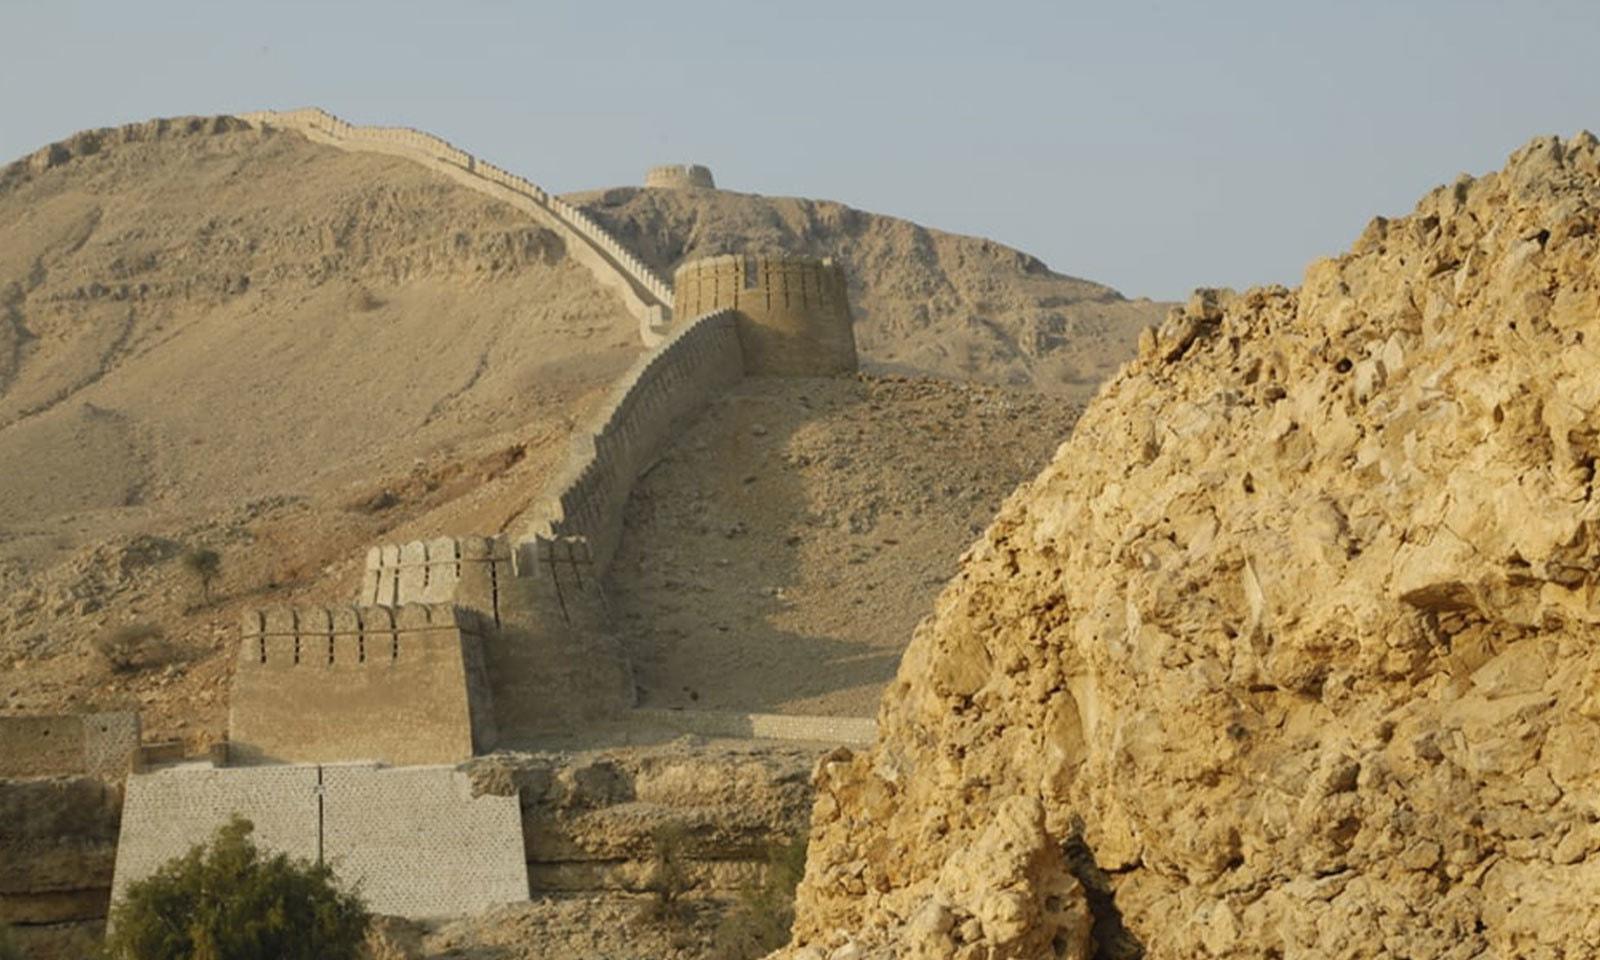 قلعے کی دیواریں اونچے پہاڑوں پر بھی بنی ہیں—فوٹو: شفقت حسین